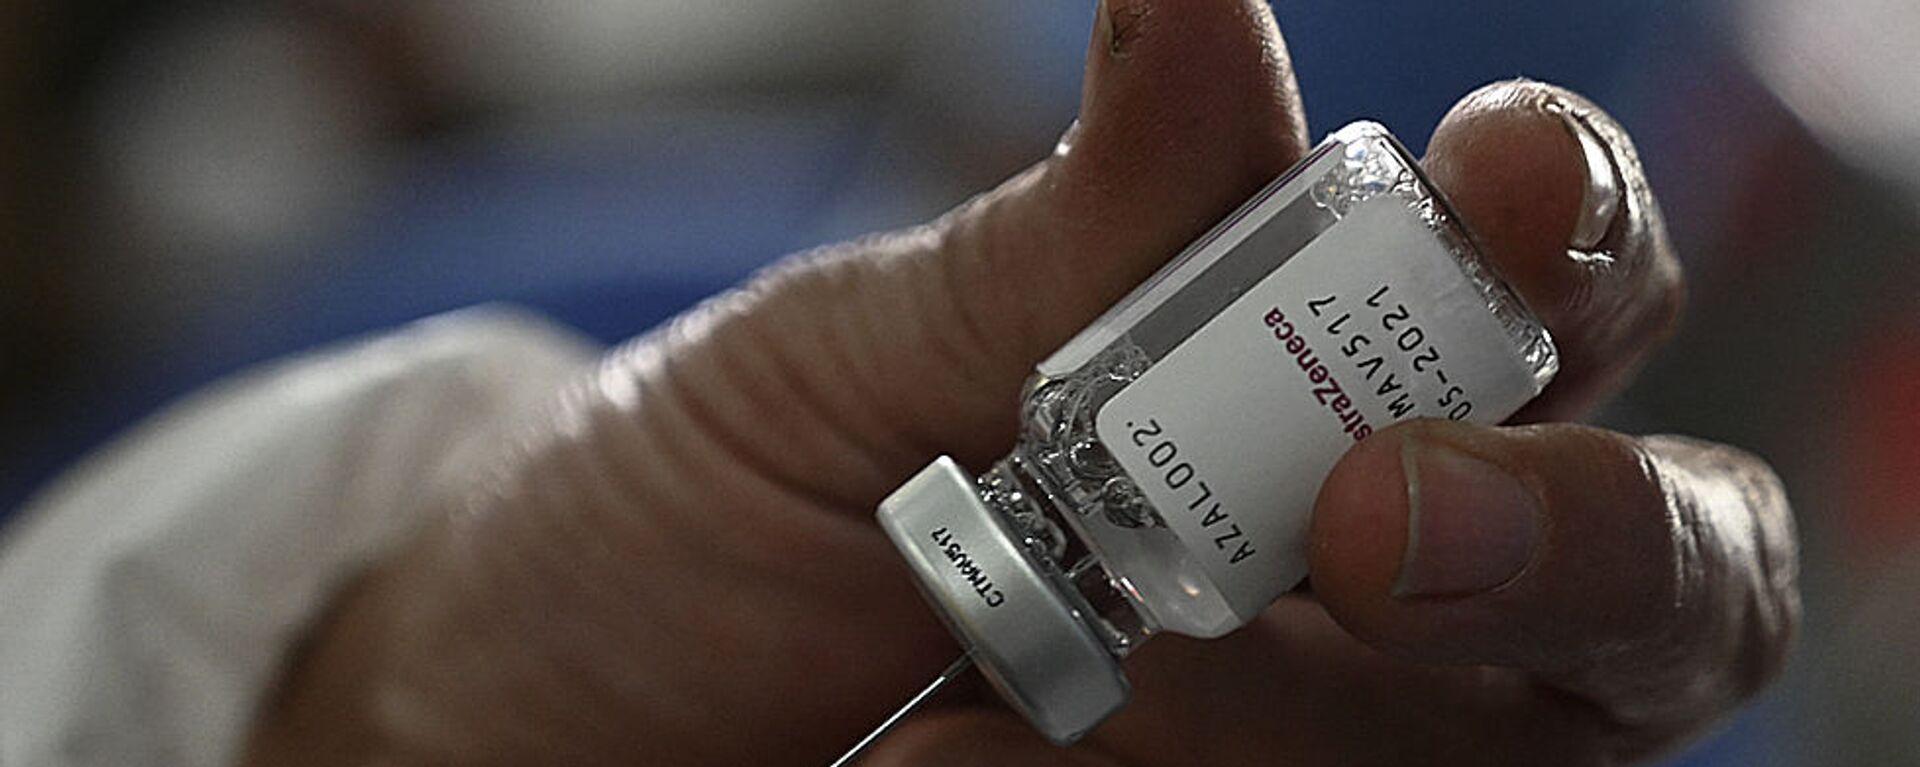 Vaccino AstraZeneca - Sputnik Italia, 1920, 15.07.2021